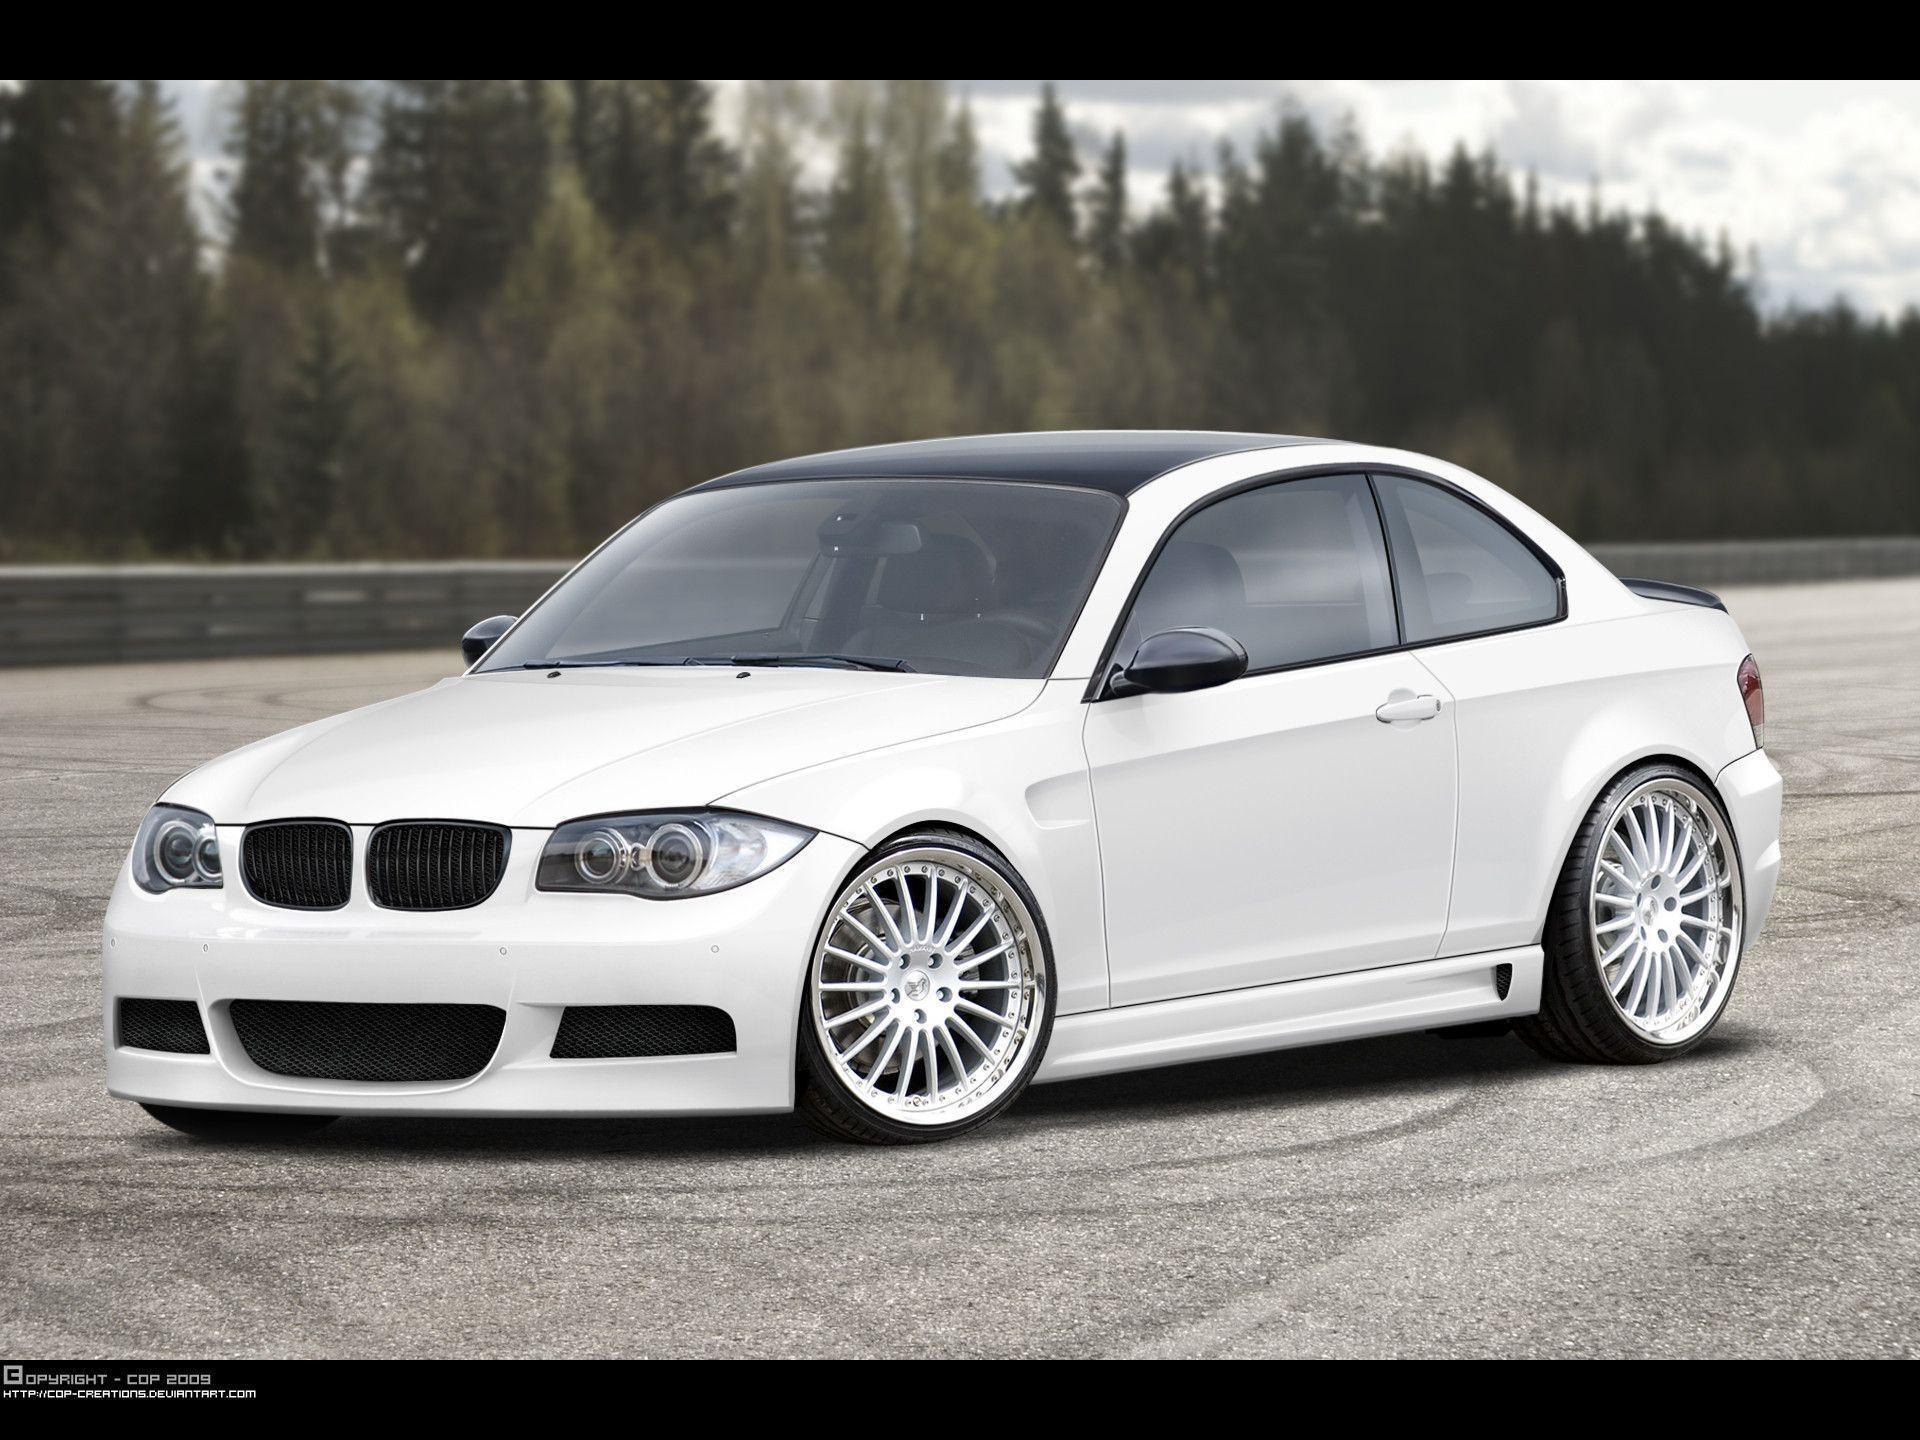 Res: 1920x1440, BMW 135i image #10. Www.motorsbros.com